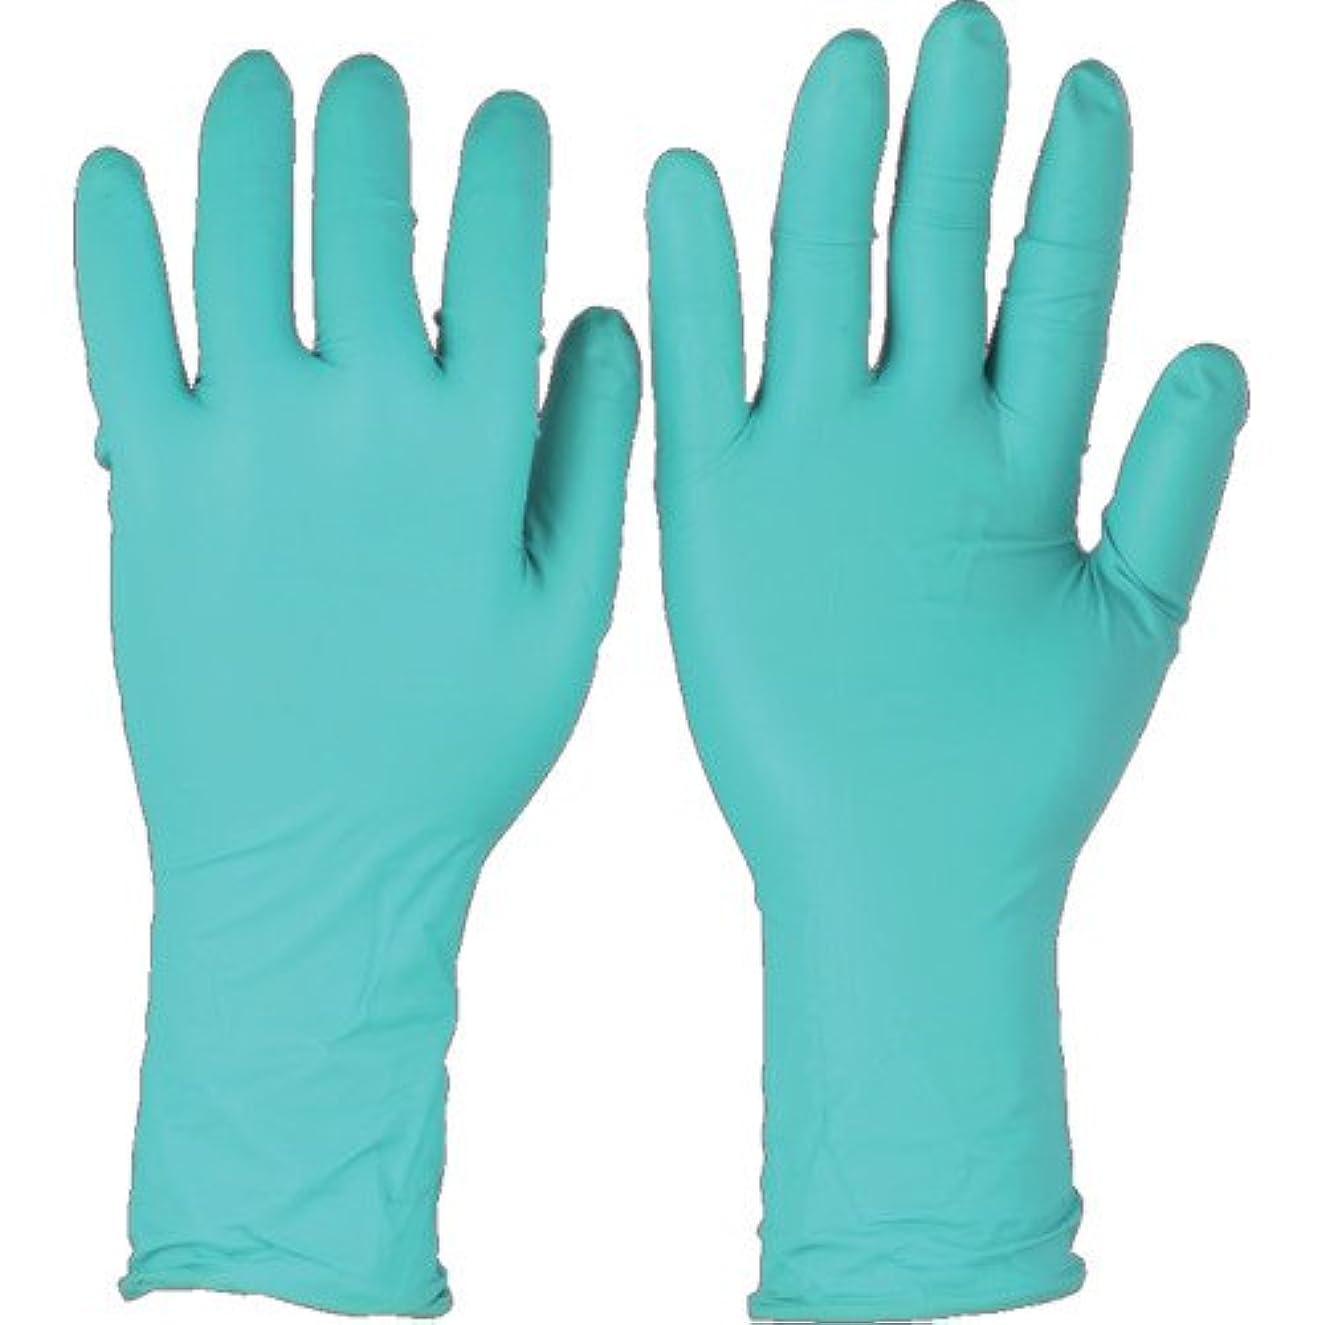 令状ジェームズダイソン高価なトラスコ中山 アンセル ネオプレンゴム使い捨て手袋 マイクロフレックス 93-260 Sサイズ (50枚入)  932607